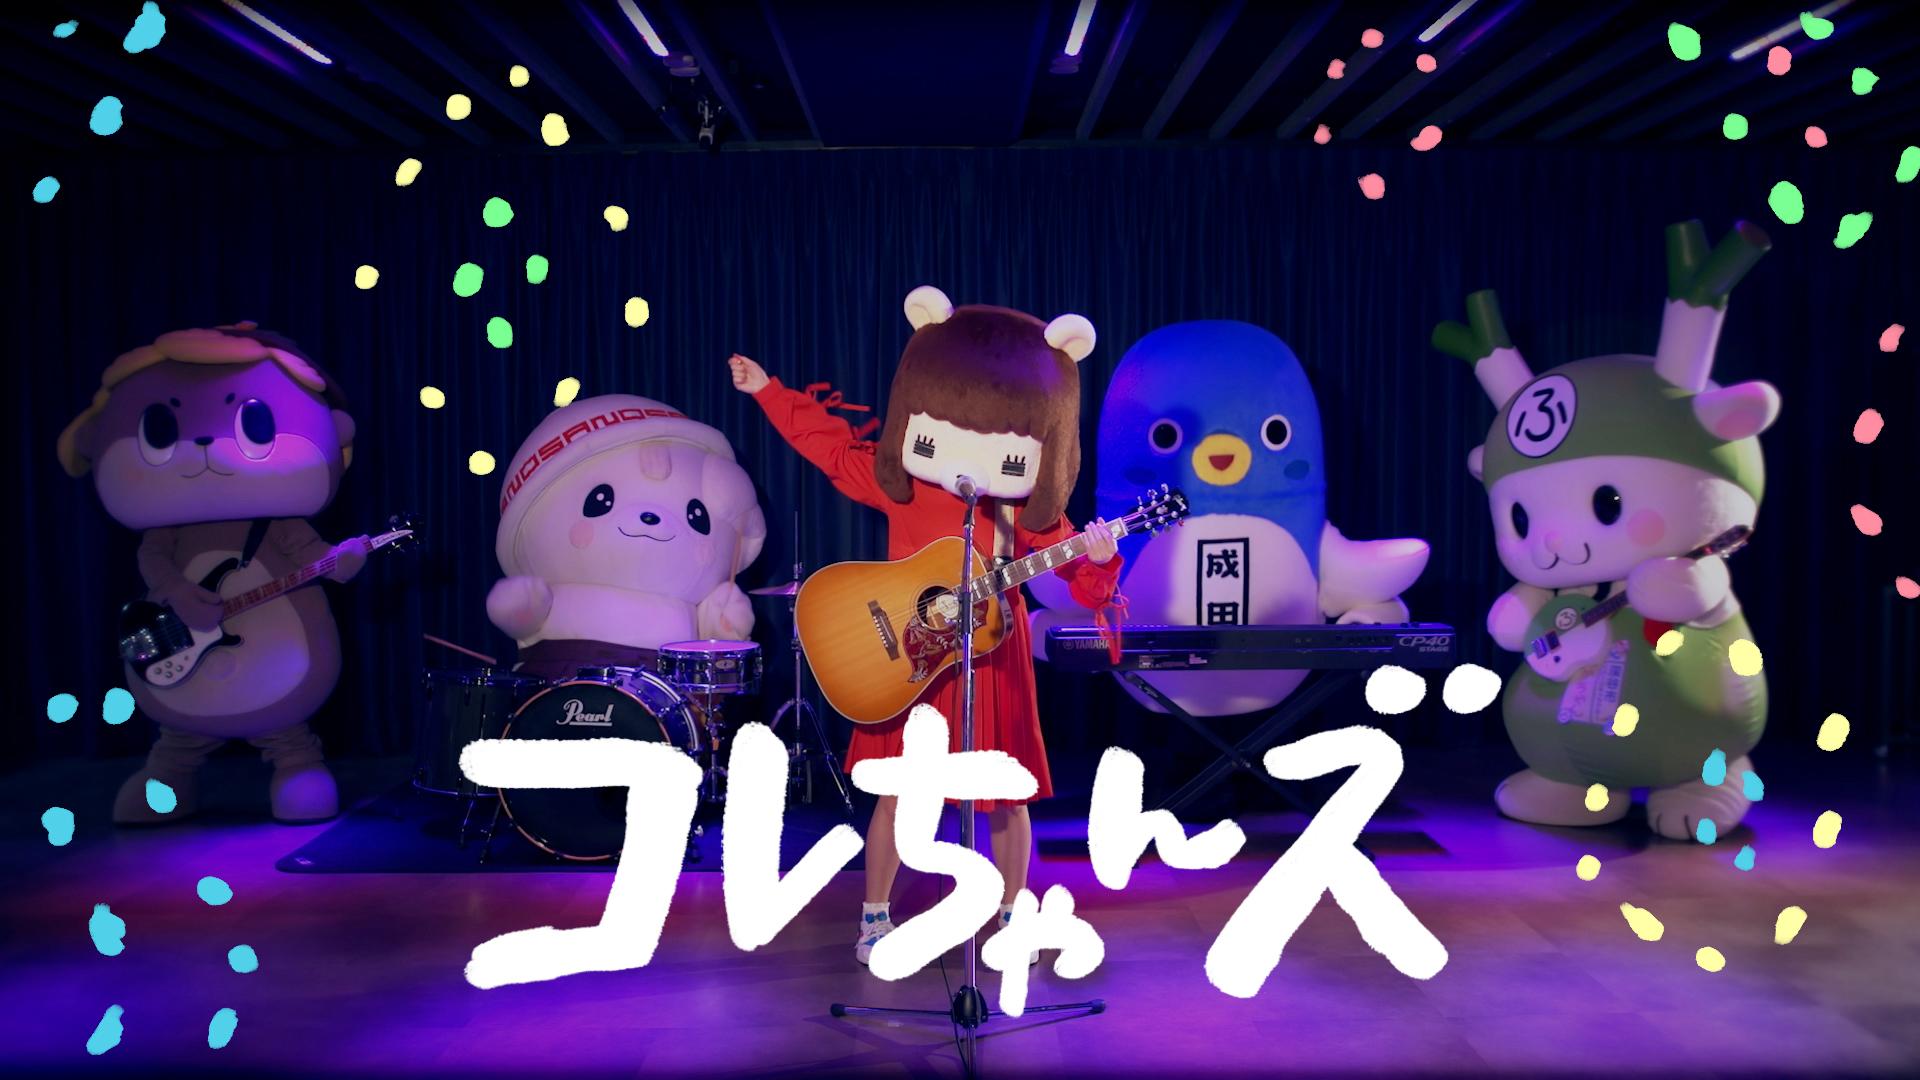 コレサワ、ゆるキャラ達と結成したバンド初MV「死ぬこと以外かすり傷」を公開